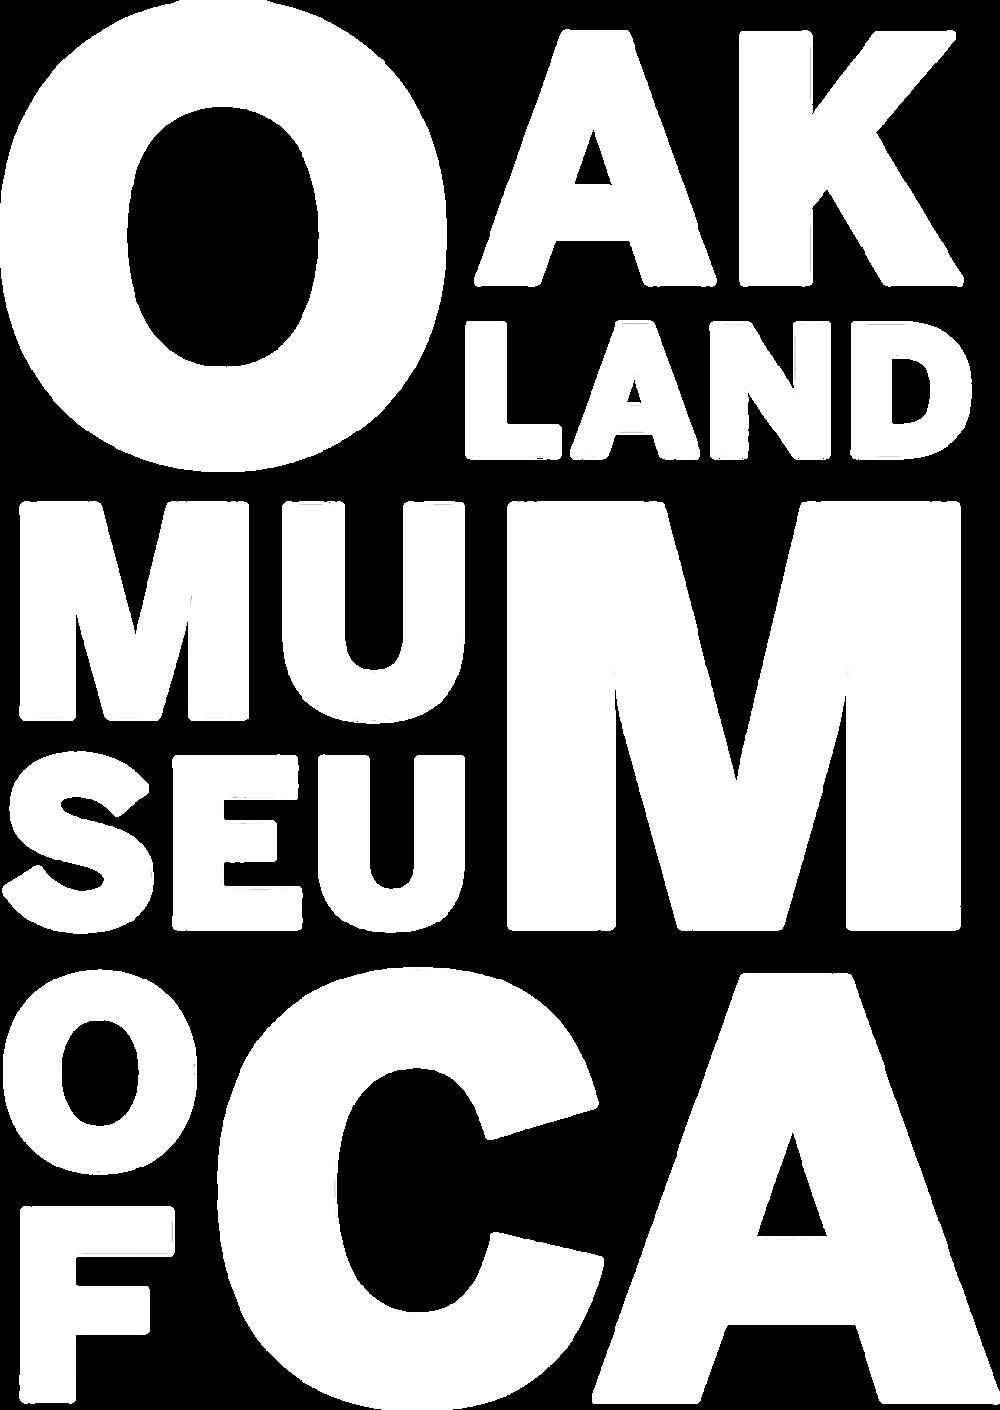 omca_logo_detail.png